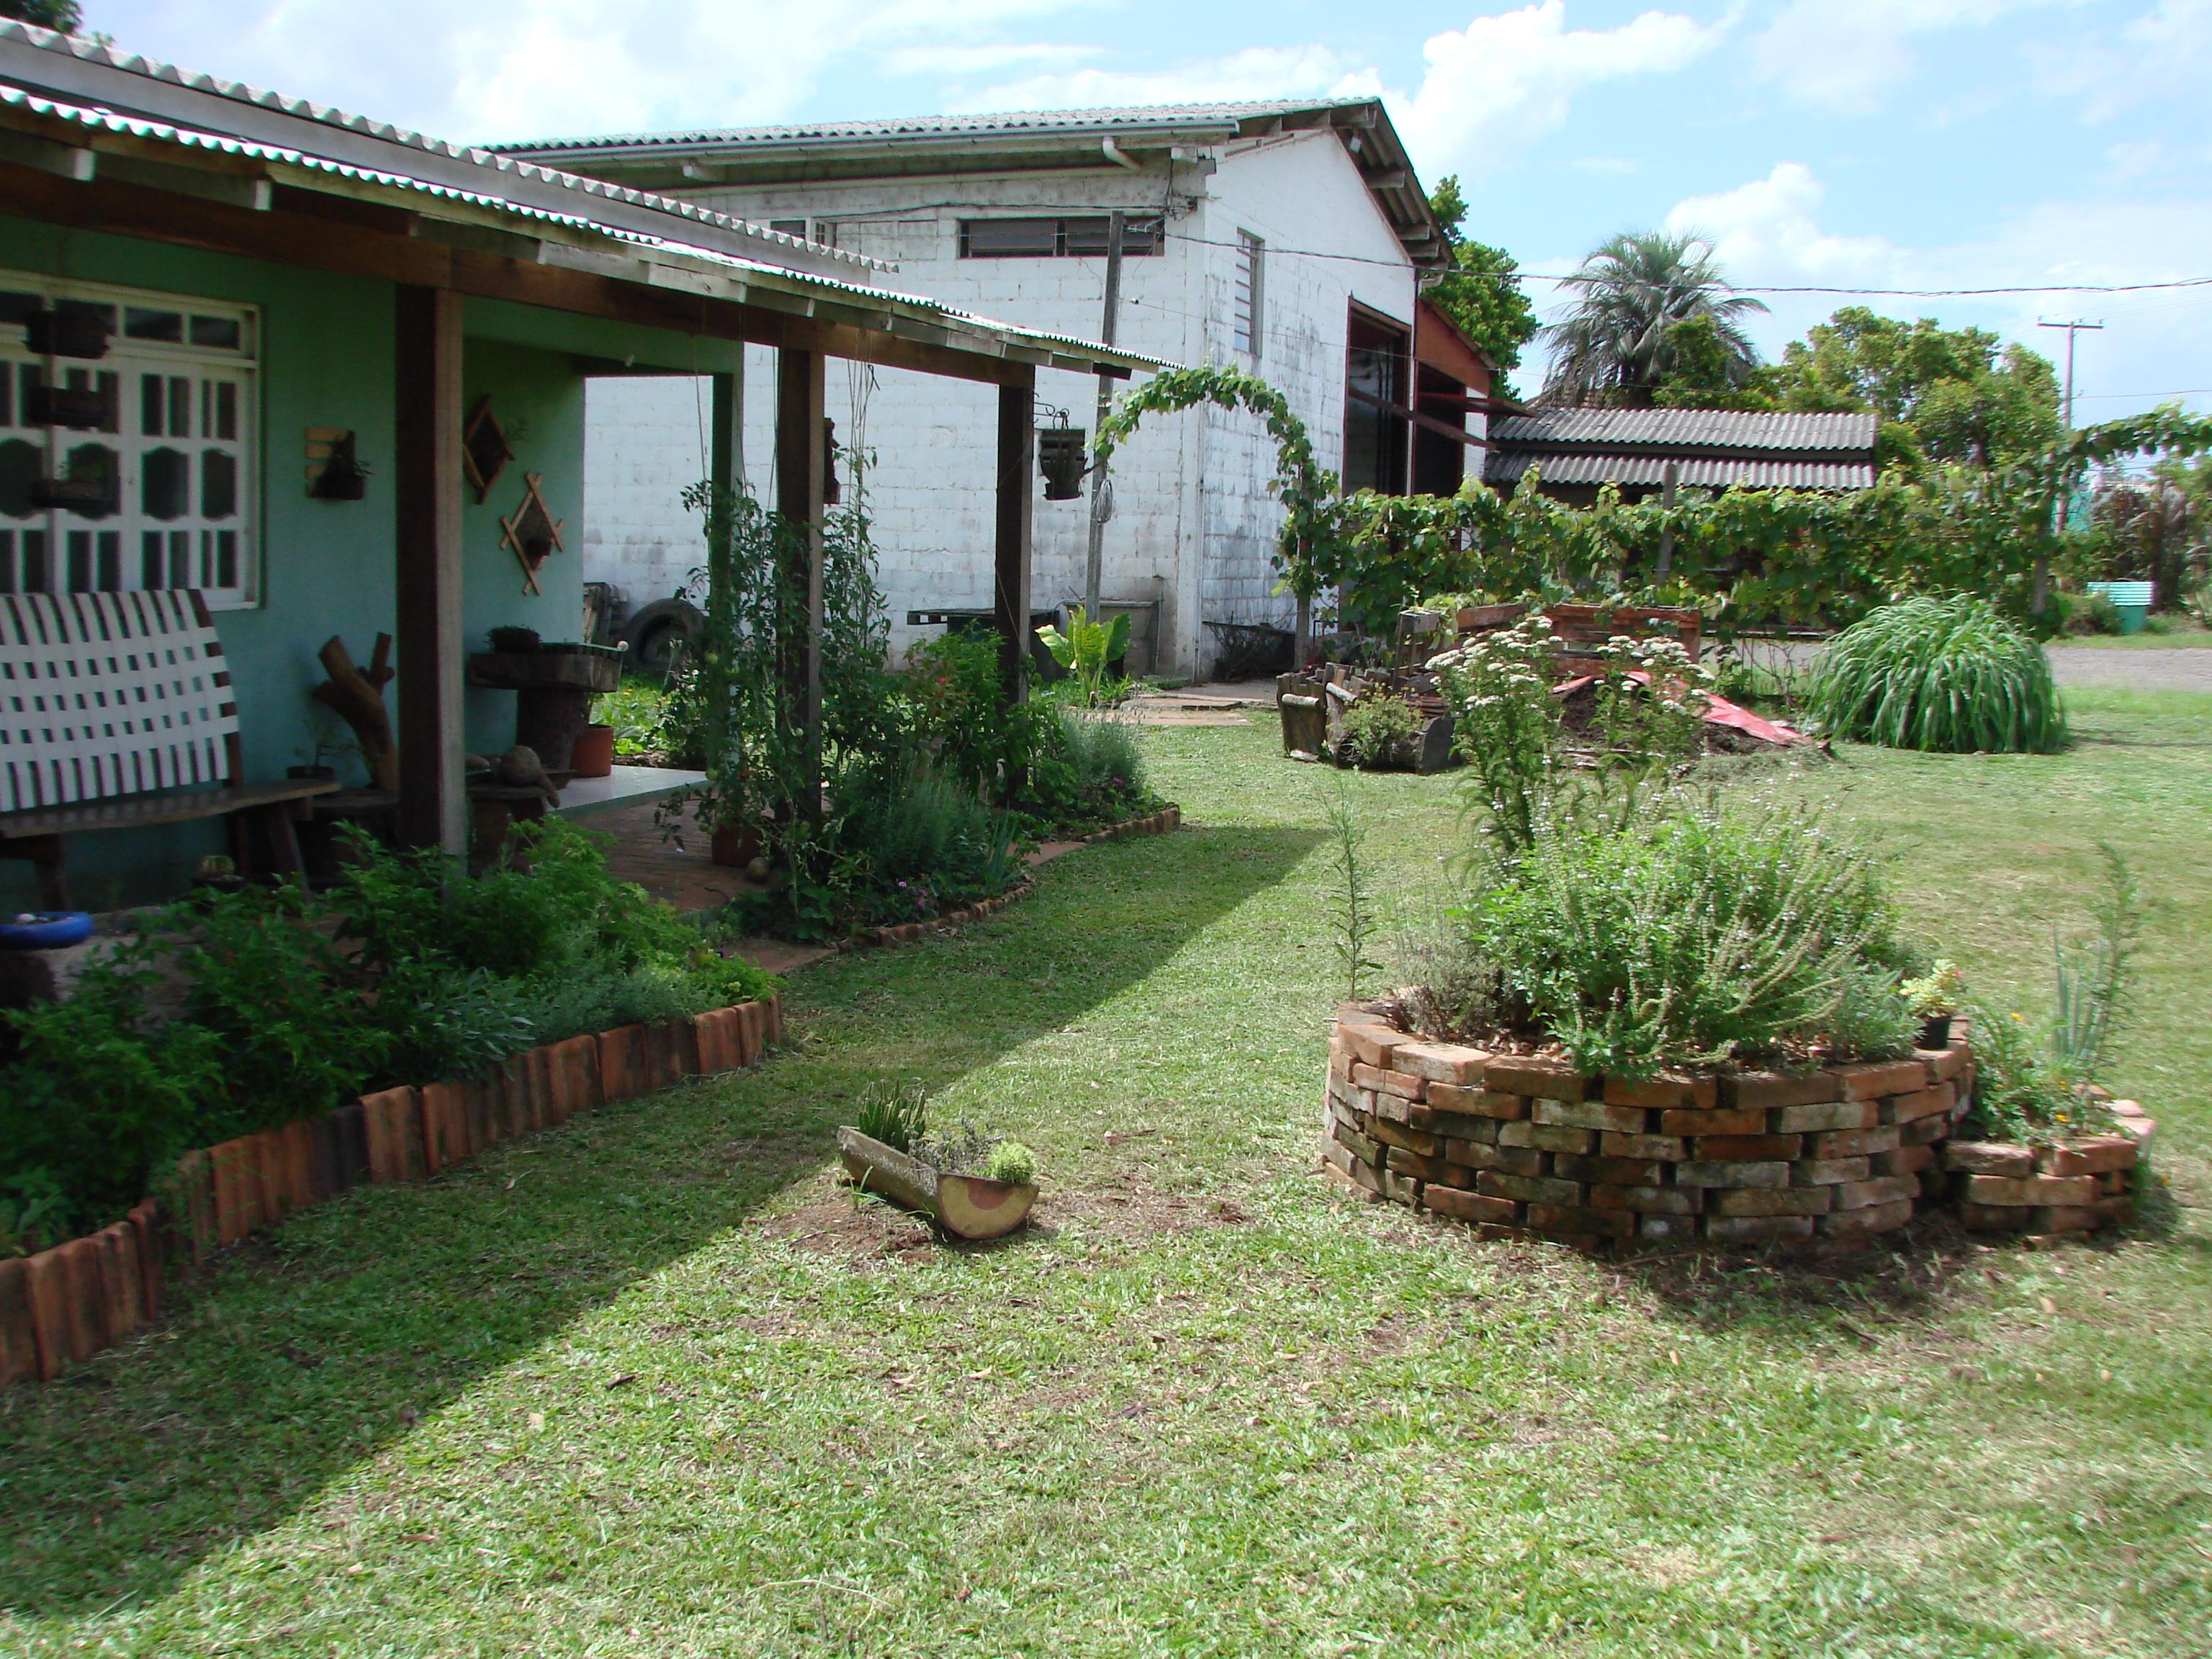 cerca viva para jardim fotosImagens Centro Ambiental Daterra